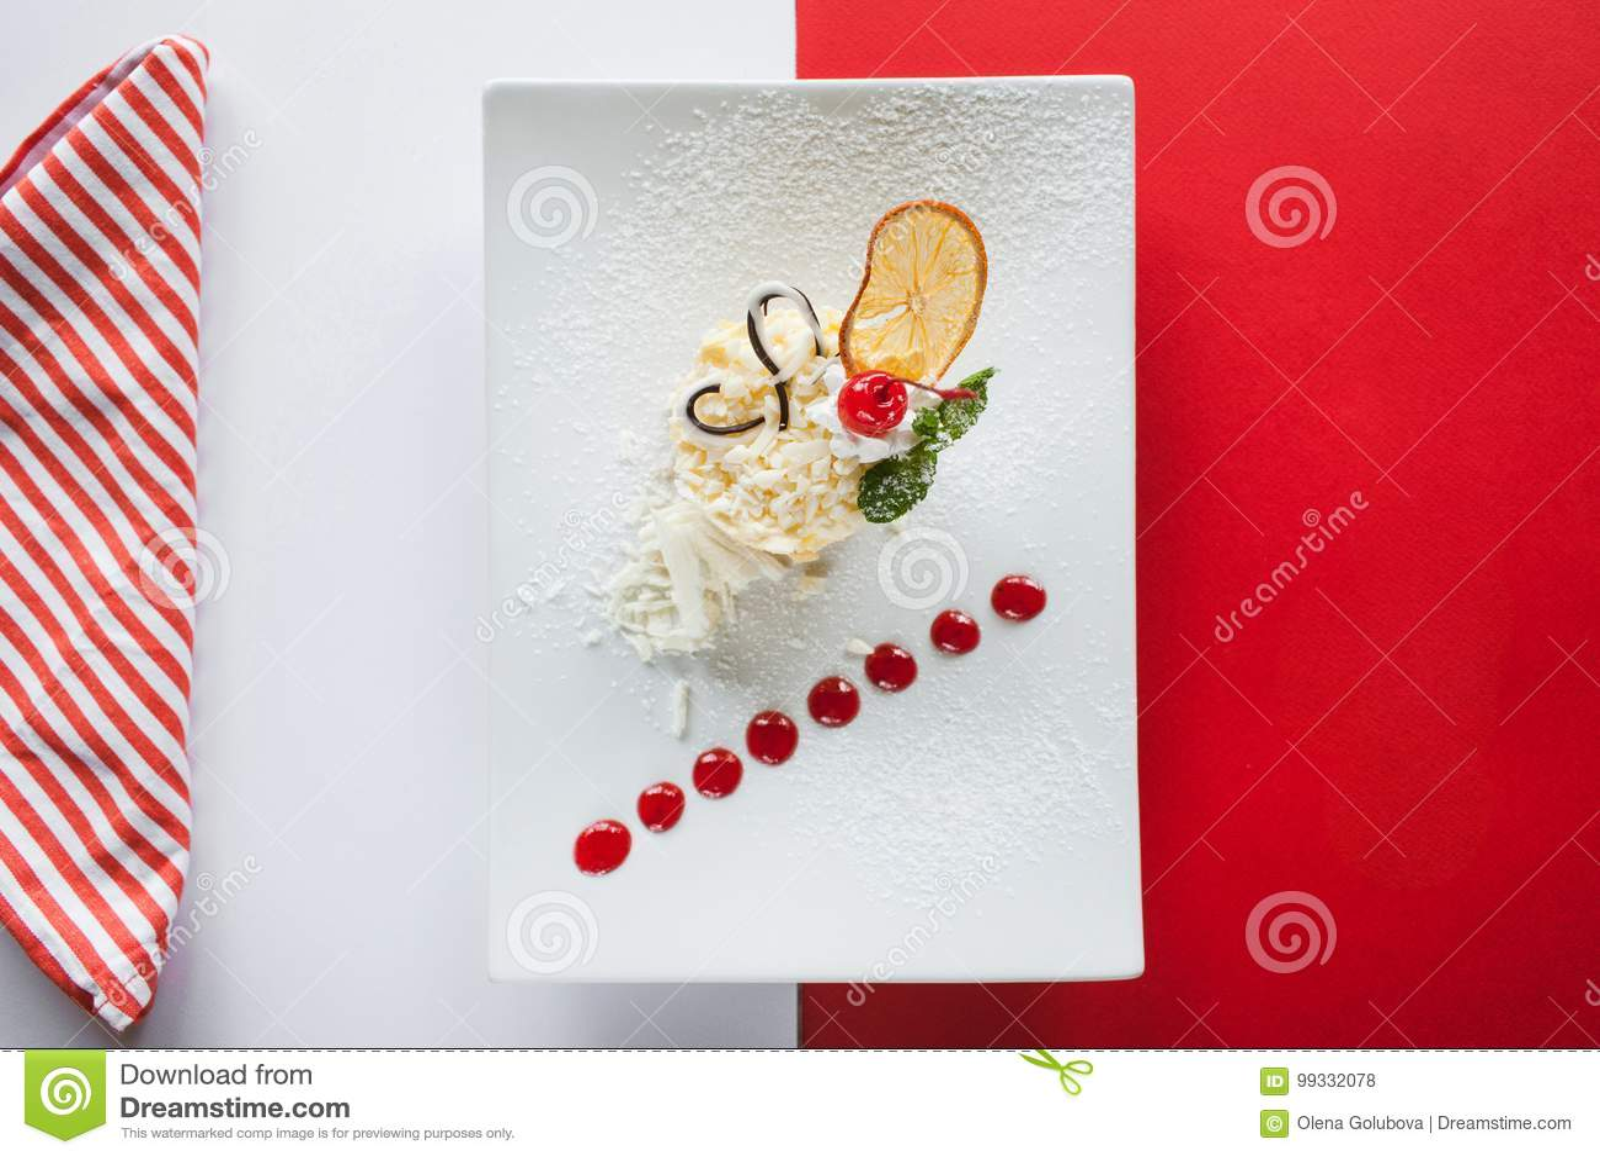 Dessert orange crémeux sur le fond coloré